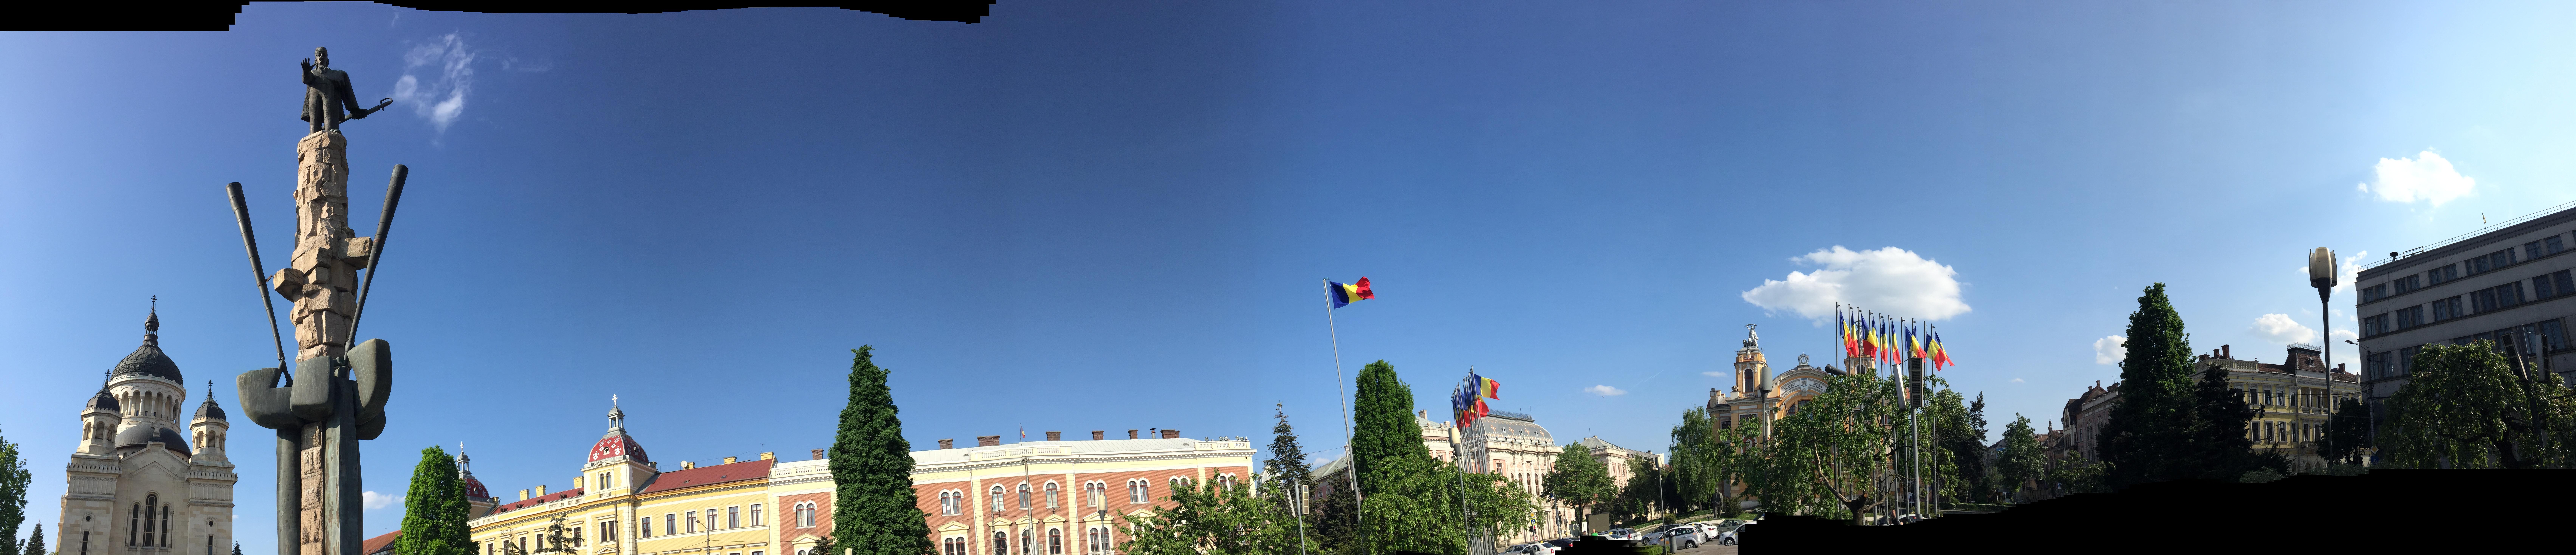 Ce ai mai vrea să vizitezi în județ? 10 locuri din Cluj pe care le îndrăgesc